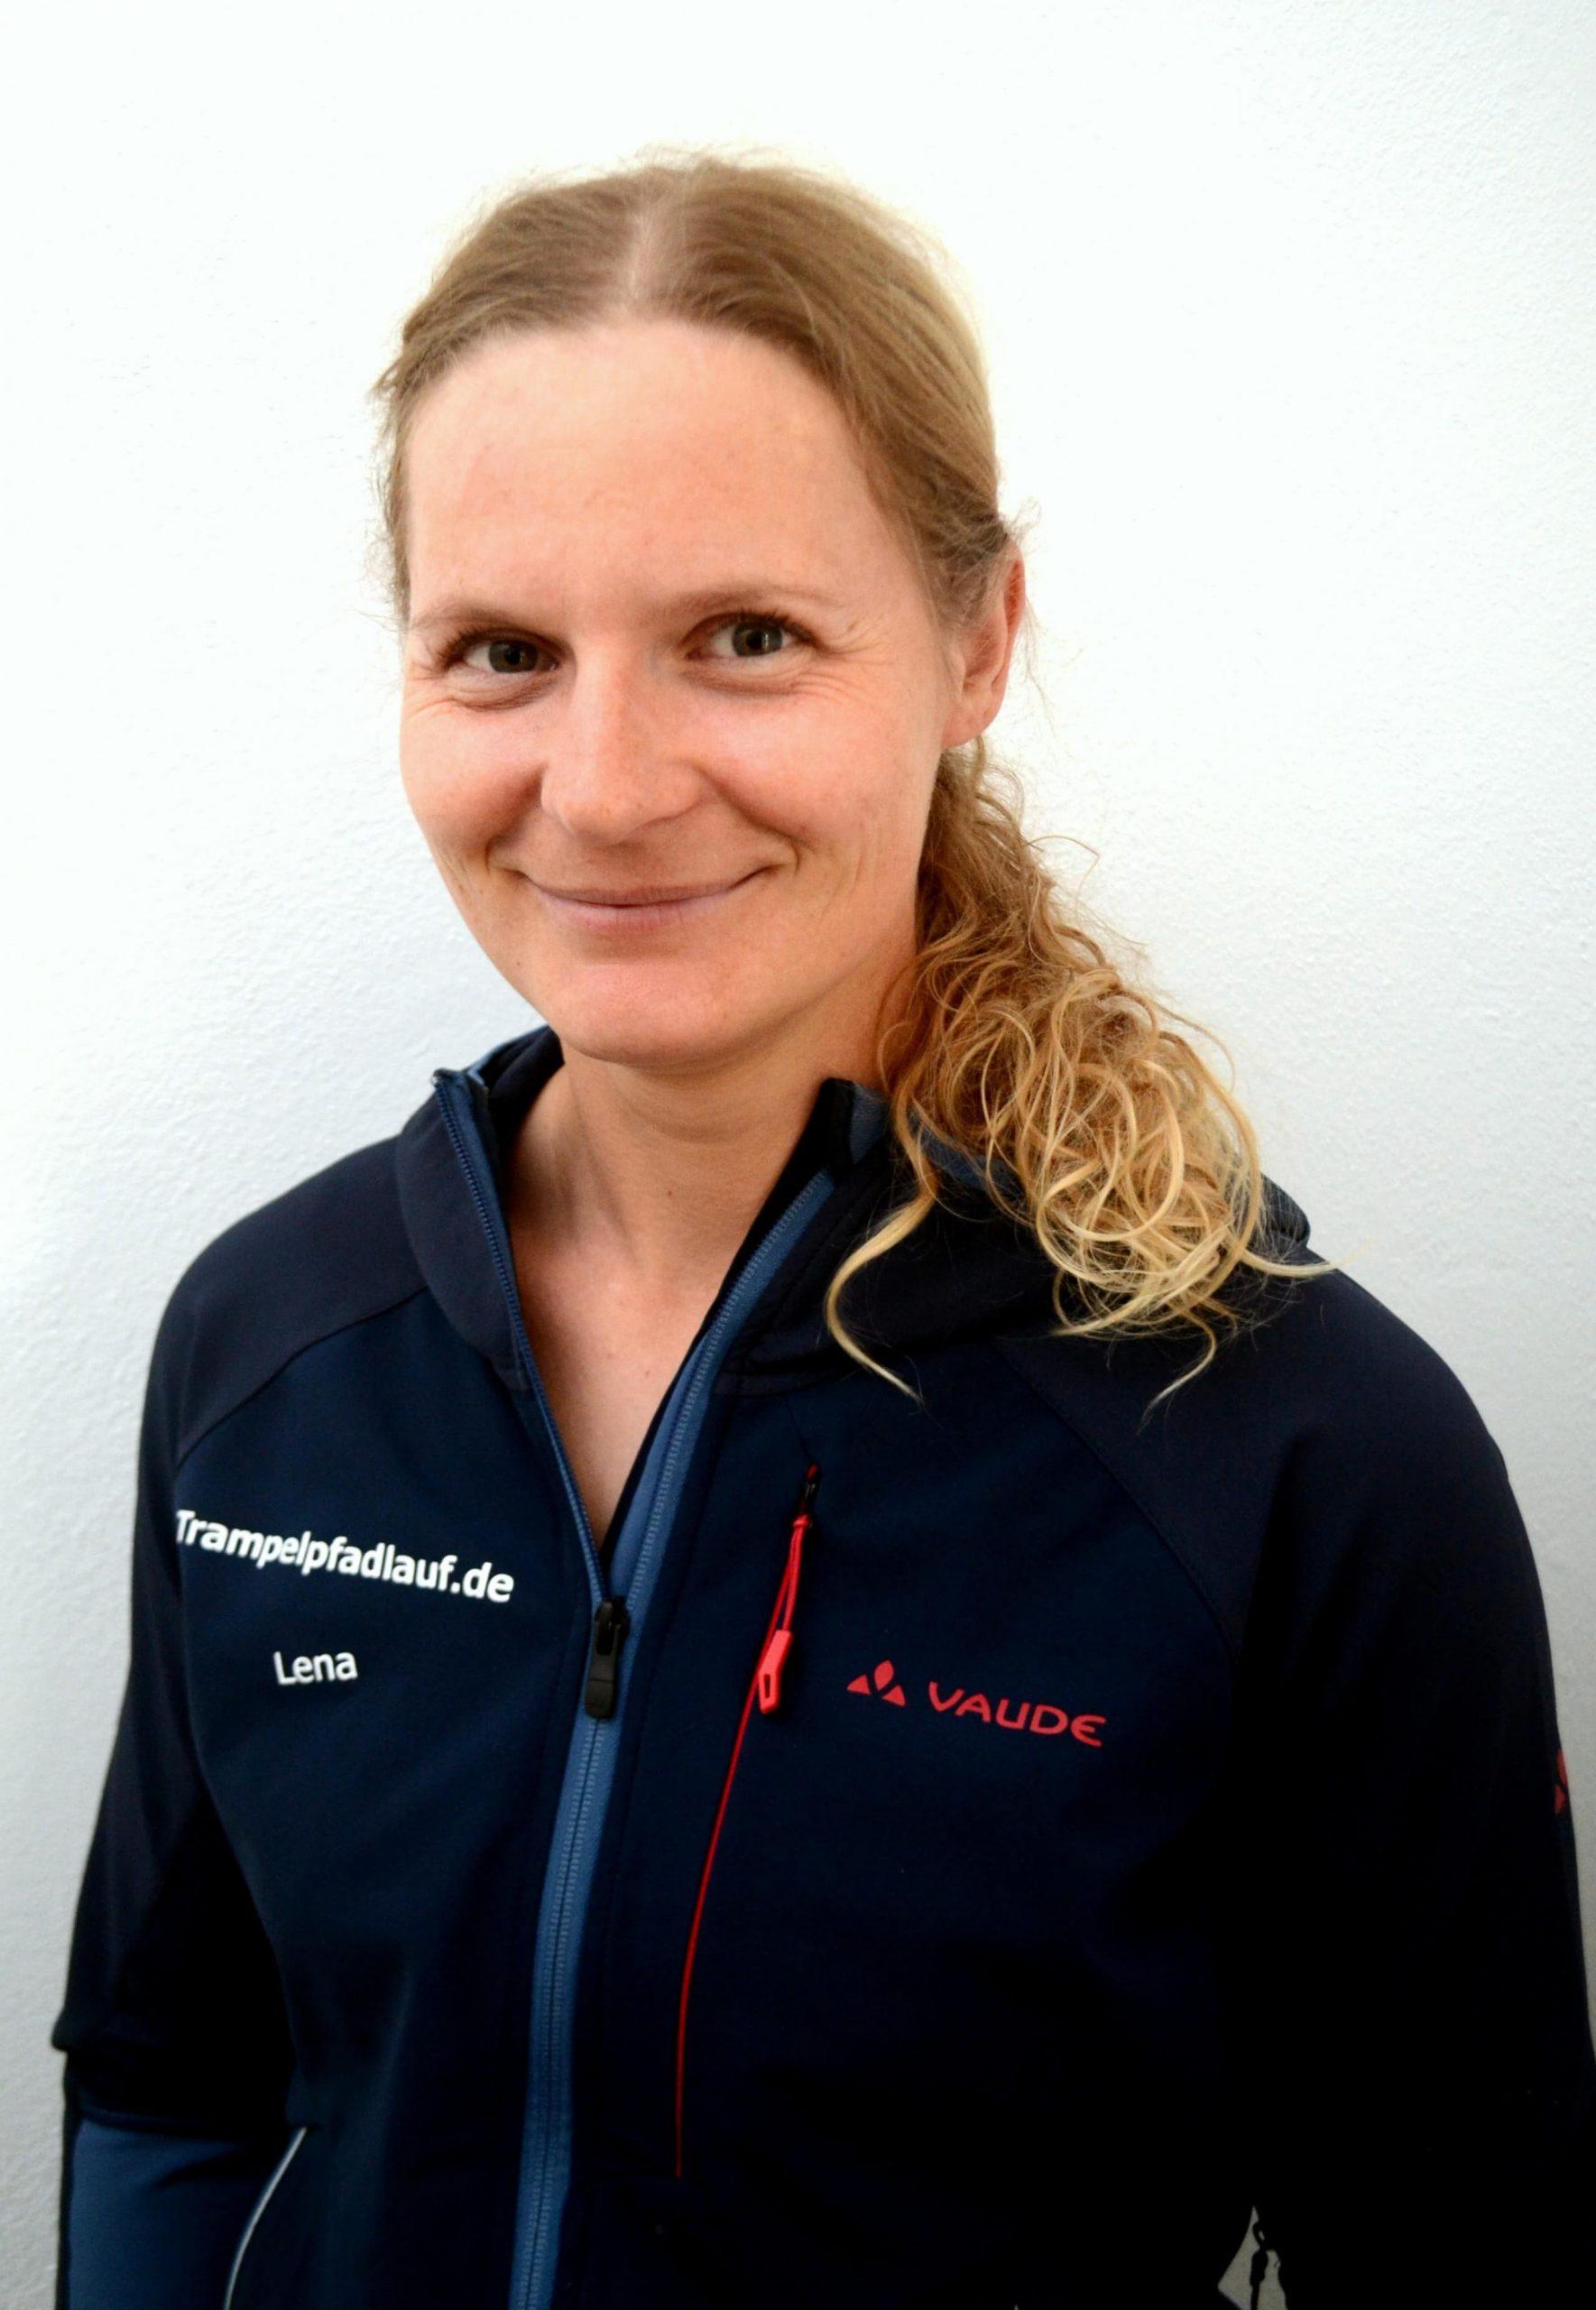 Lena Schindler